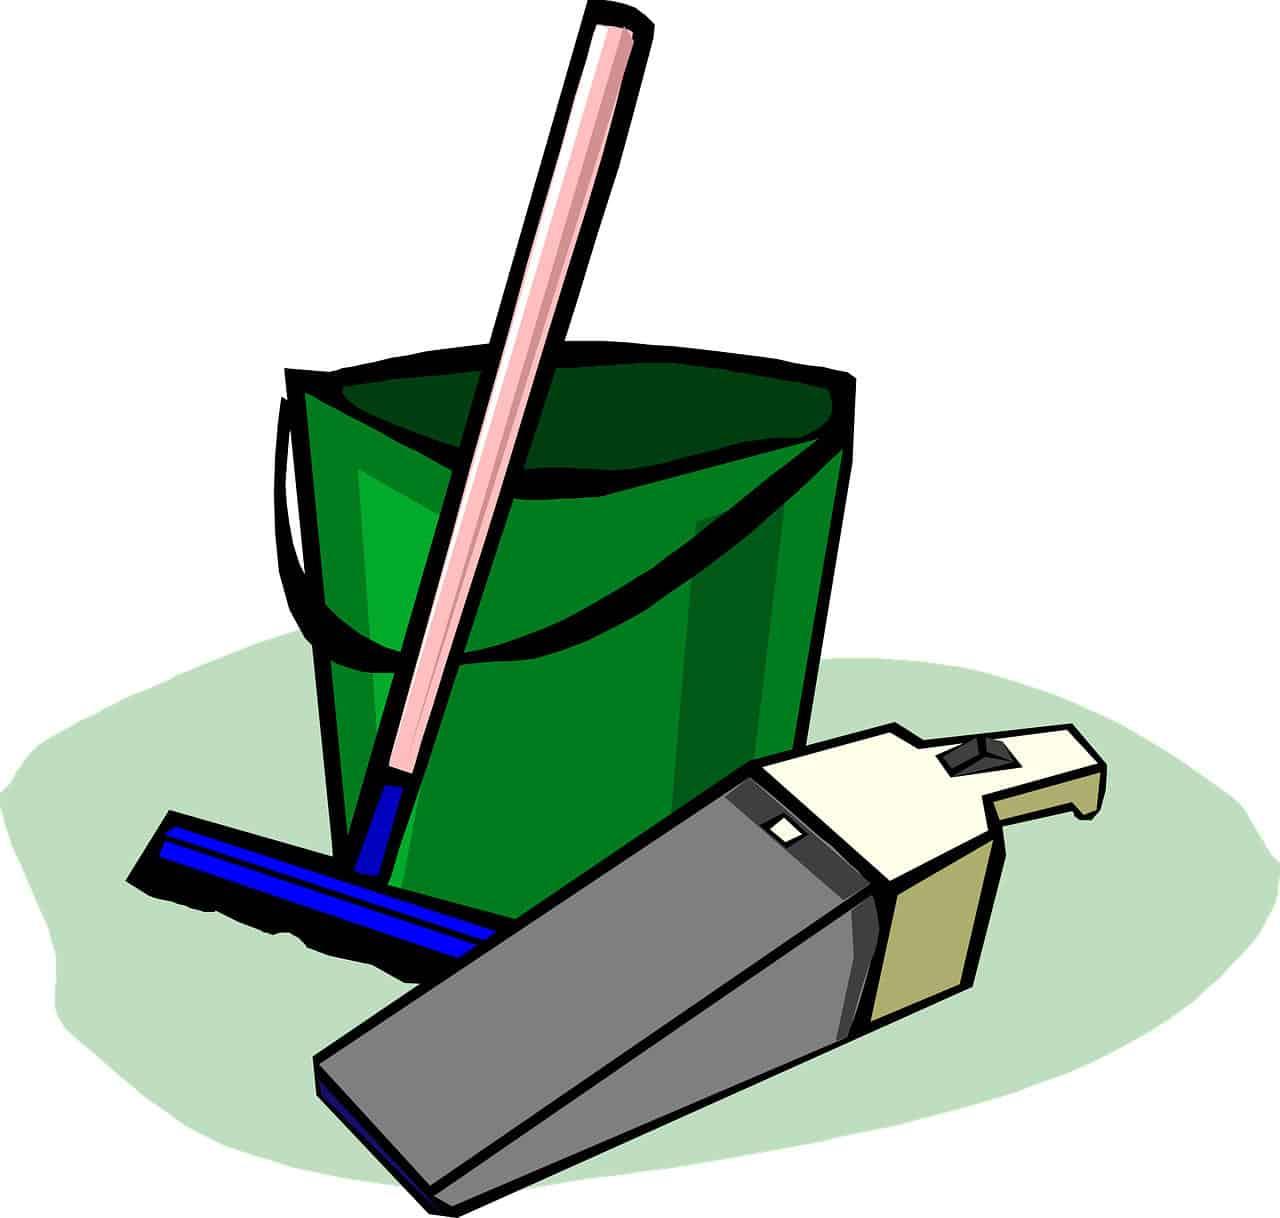 Holzdecke reinigen: Schleifstaub entfernen